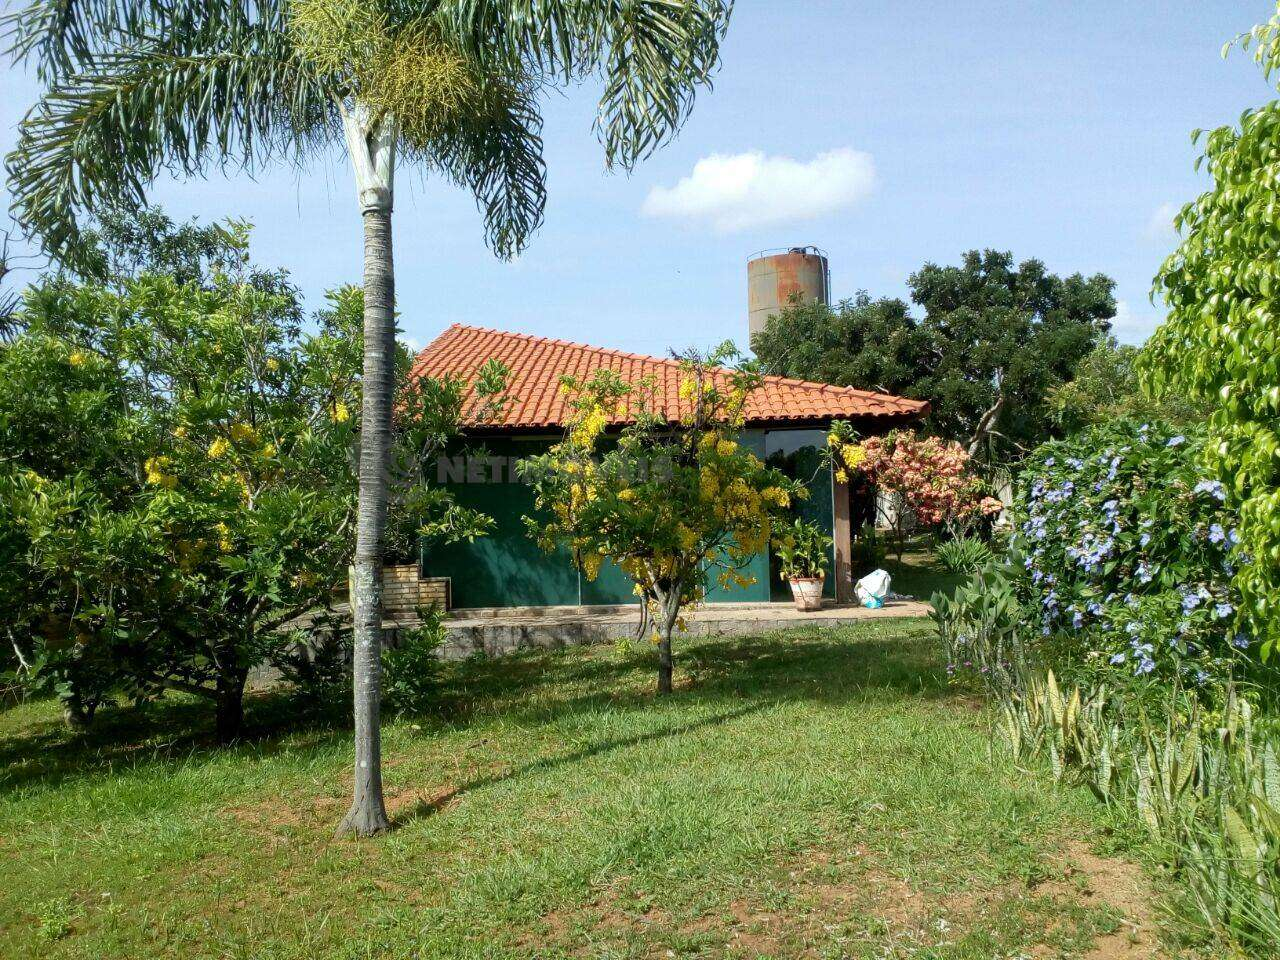 chácara,distrito federal,lago sul,brasília,chácara df 140,grandes áreas,chácara no jardim botânico,chácara próximo ao plano piloto,casa em condomínio,